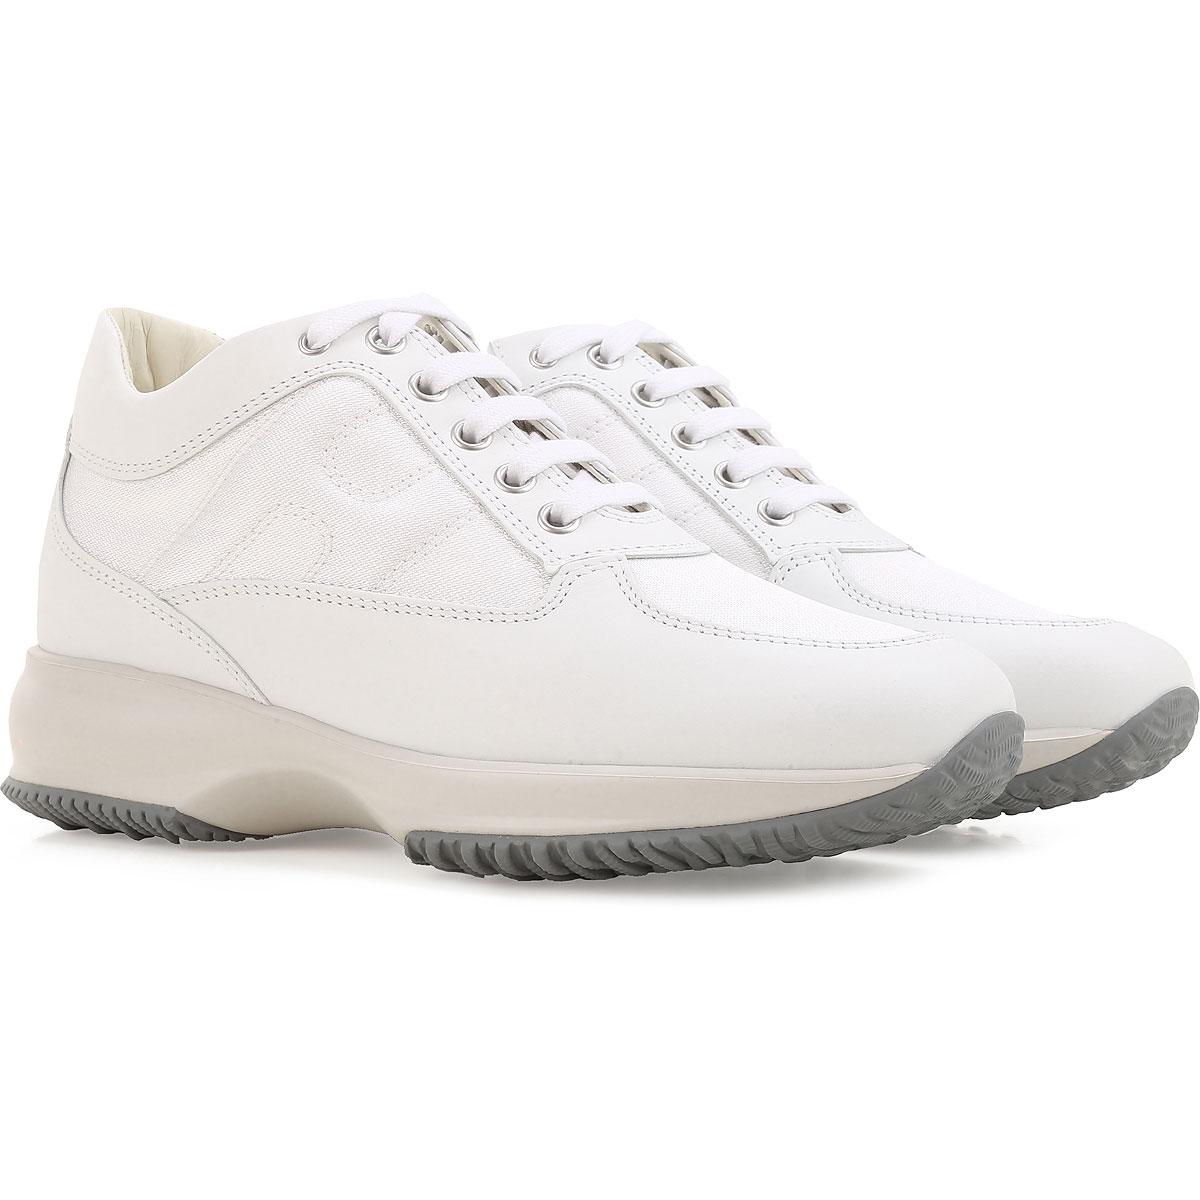 08f6d3e3841 Women s Hogan Interactive sneakers - HOGAN - Paolo Fiorillo